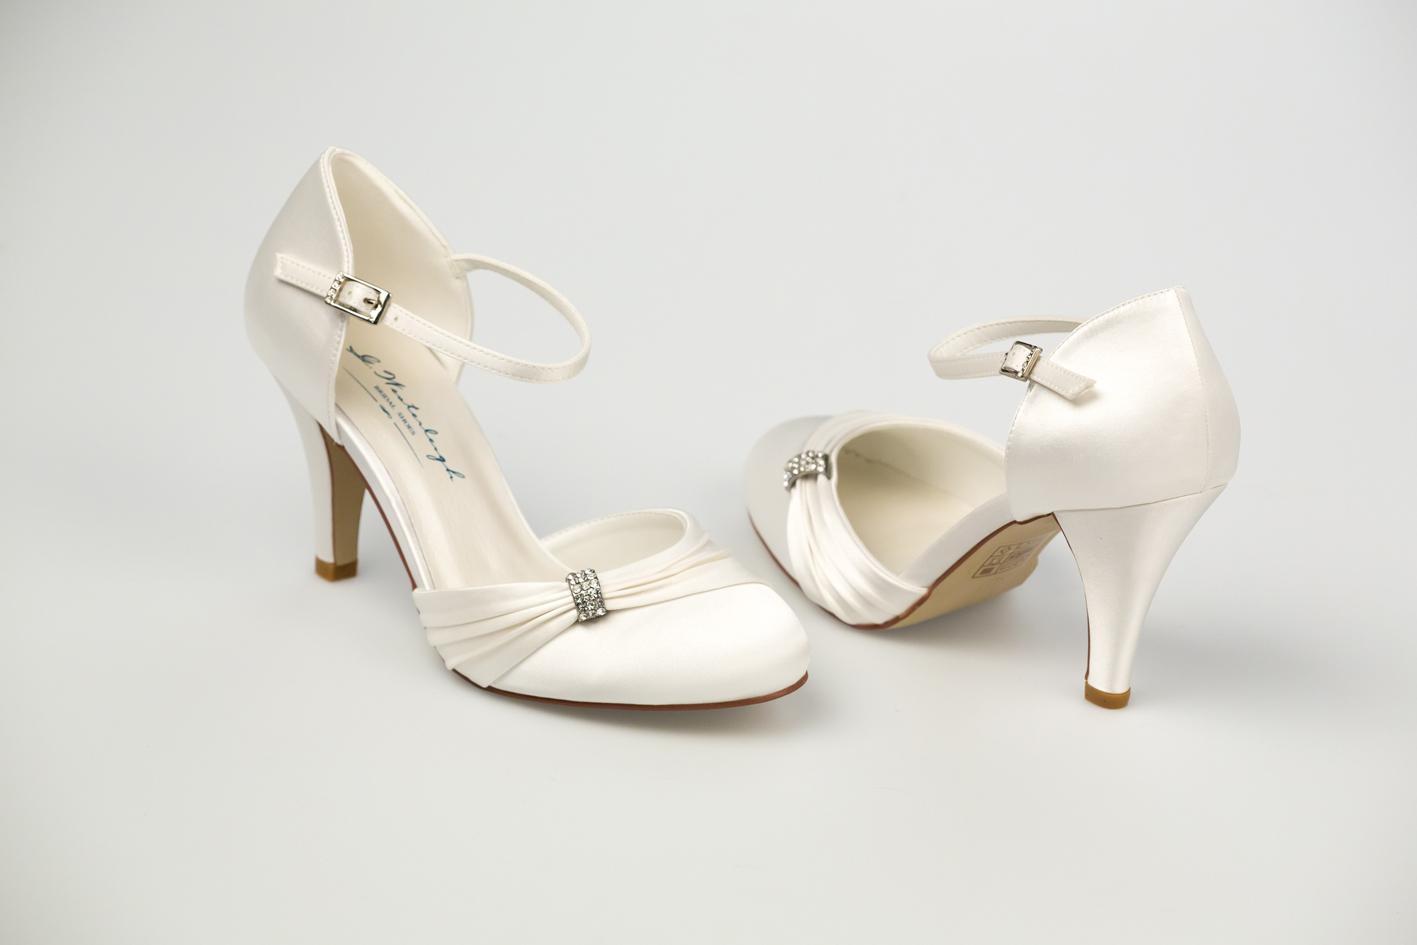 Svadobné topánky Sophie - Obrázok č. 4